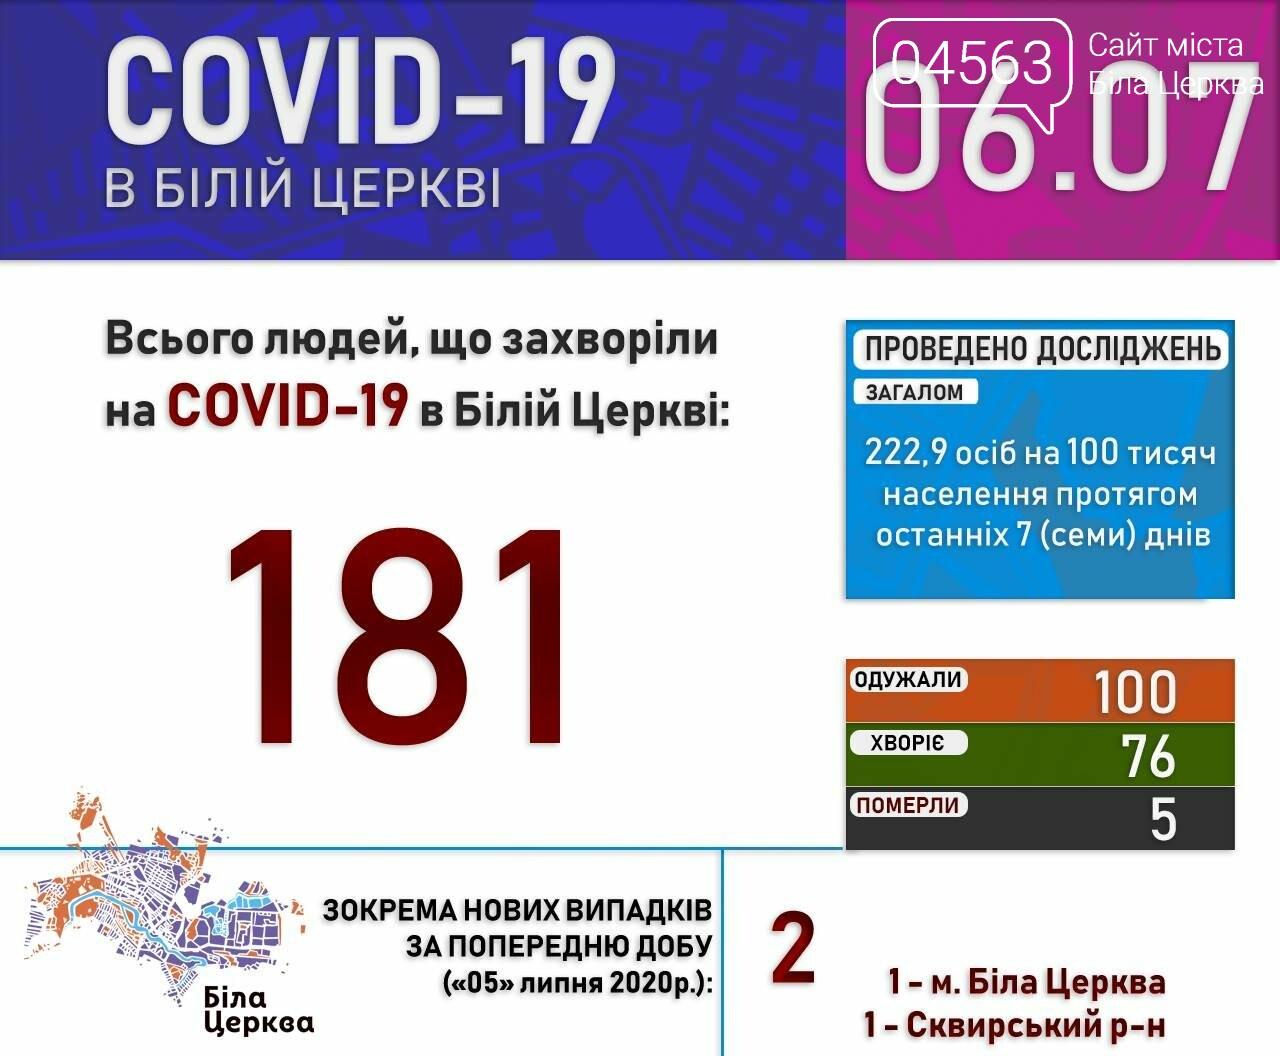 Поточна ситуація в Білій Церкві щодо кількості хворих на COVID-19 на 06.07.2020 року, фото-1